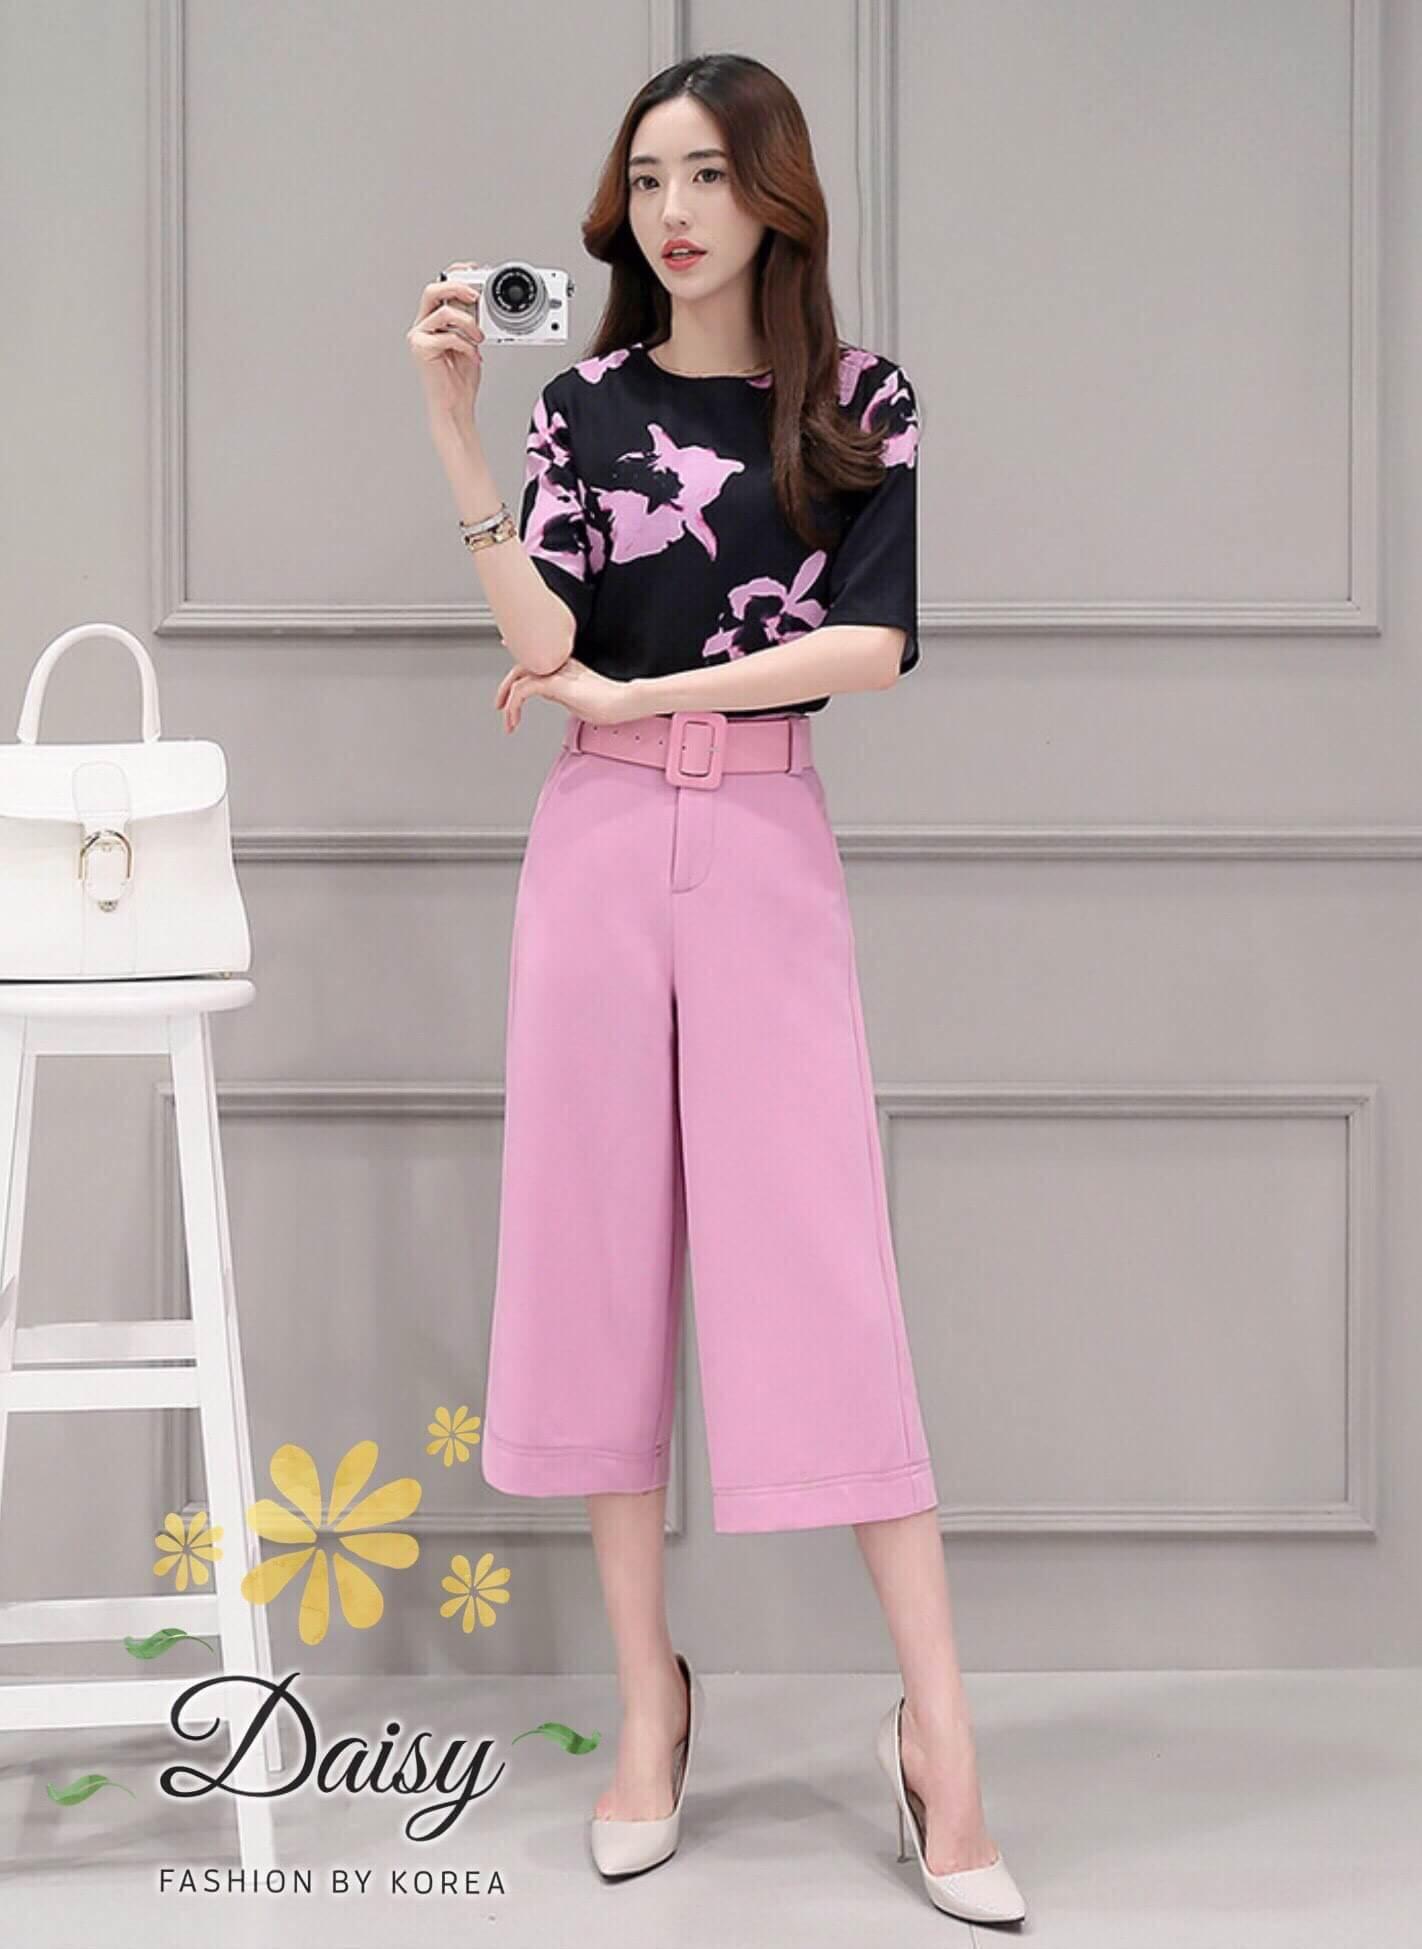 เสื้อ+กางเกง แบบแขนสามส่วนพิมพ์ลายดอกไม้โทนสีชมพู